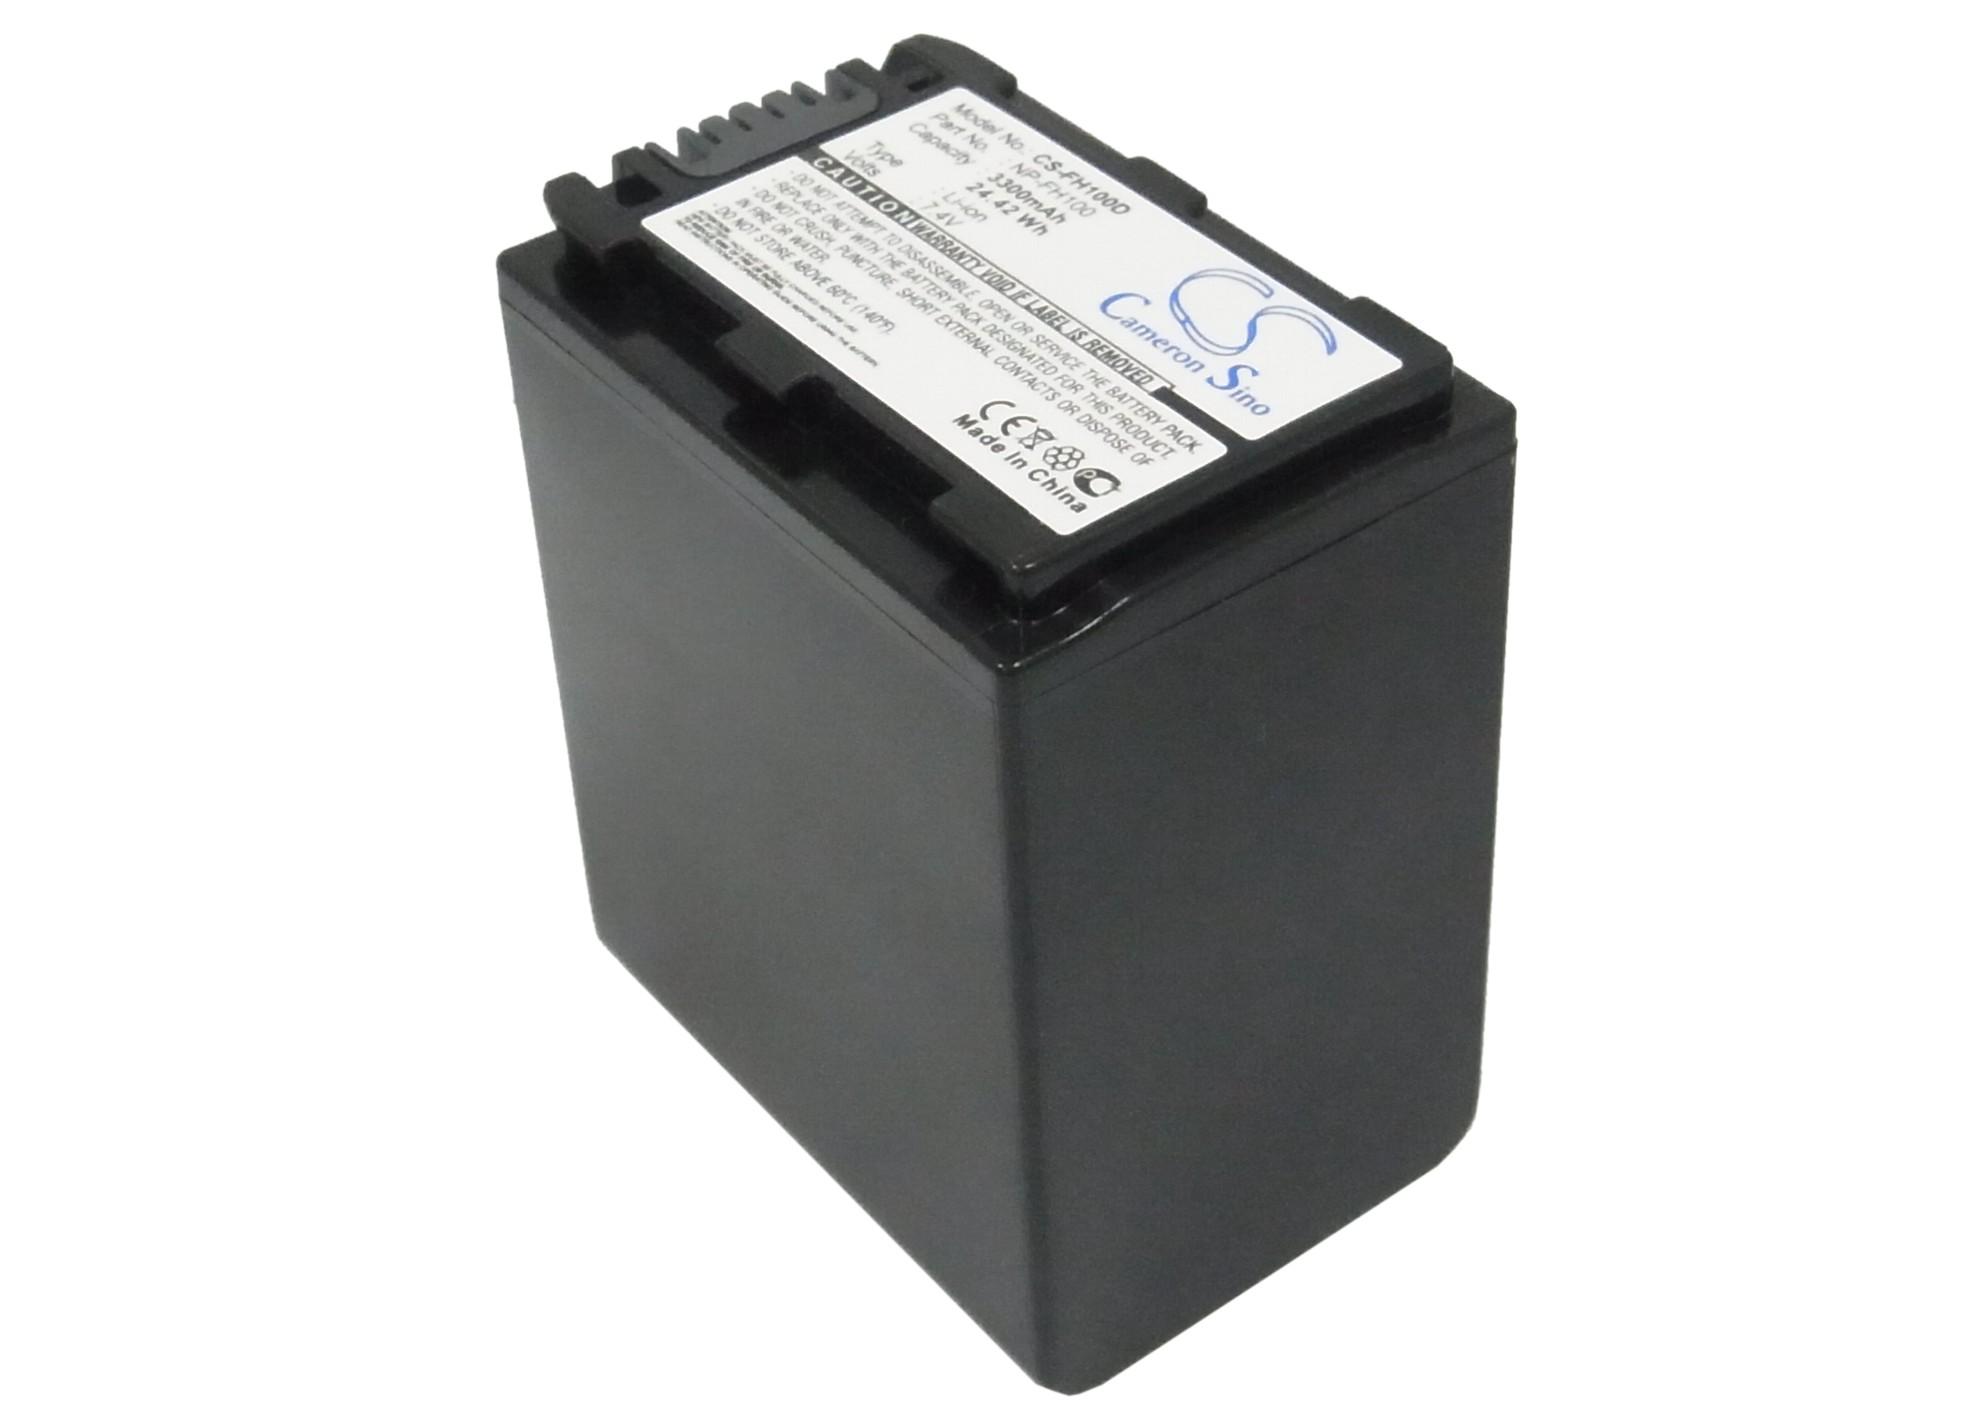 Cameron Sino baterie do kamer a fotoaparátů pro SONY DCR-HC85 7.4V Li-ion 3300mAh tmavě šedá - neoriginální